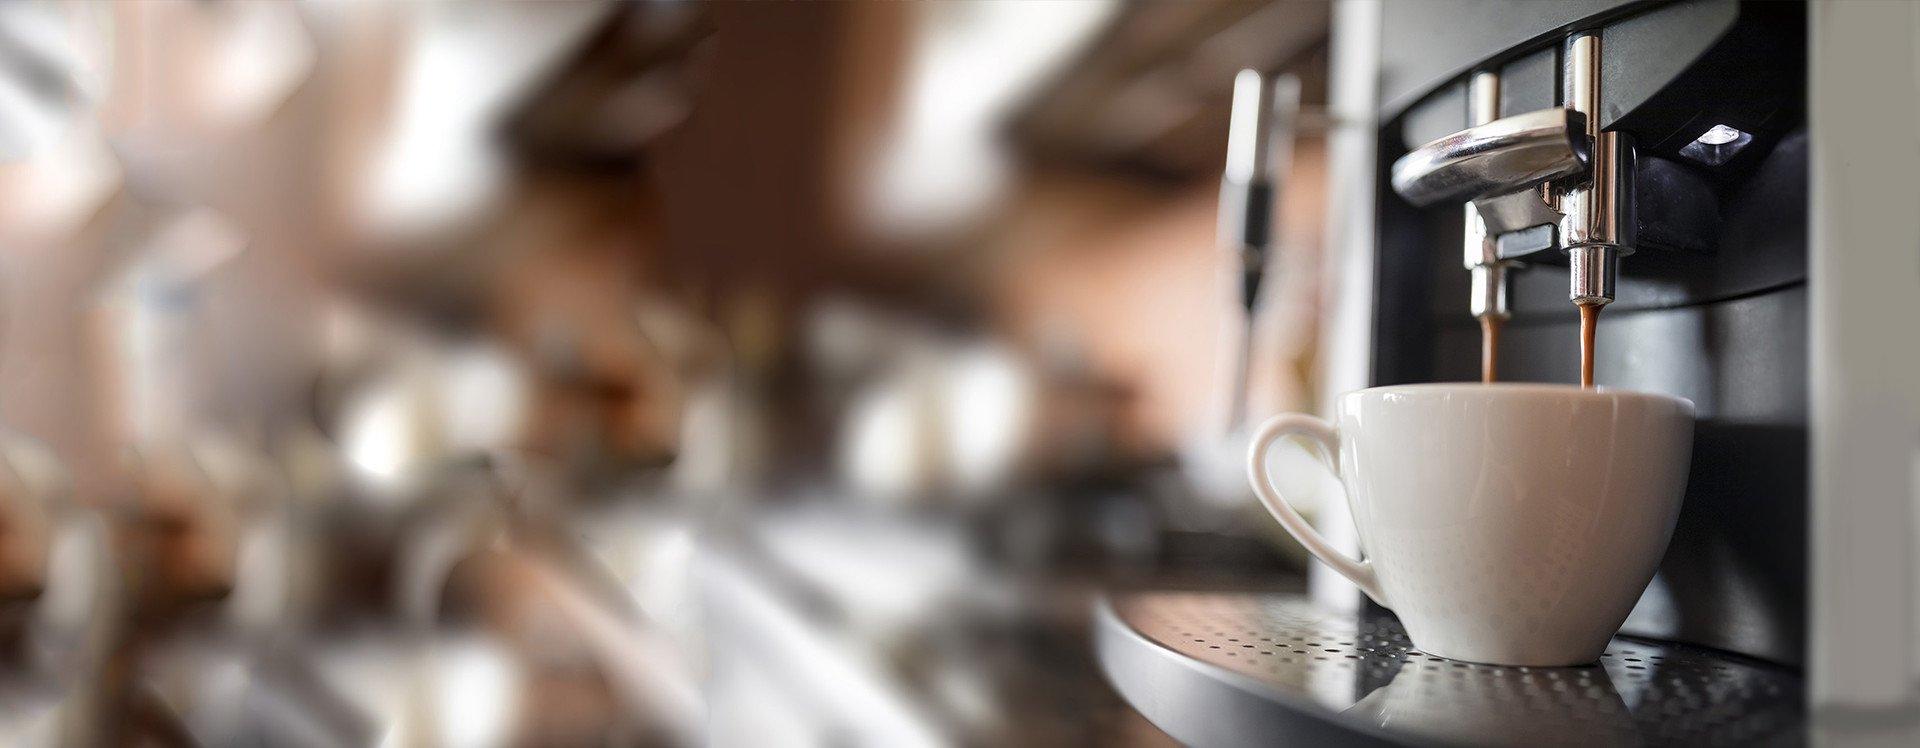 WMF kávovary pre profesionálov Praha - dokonalá káva s jemnou penou